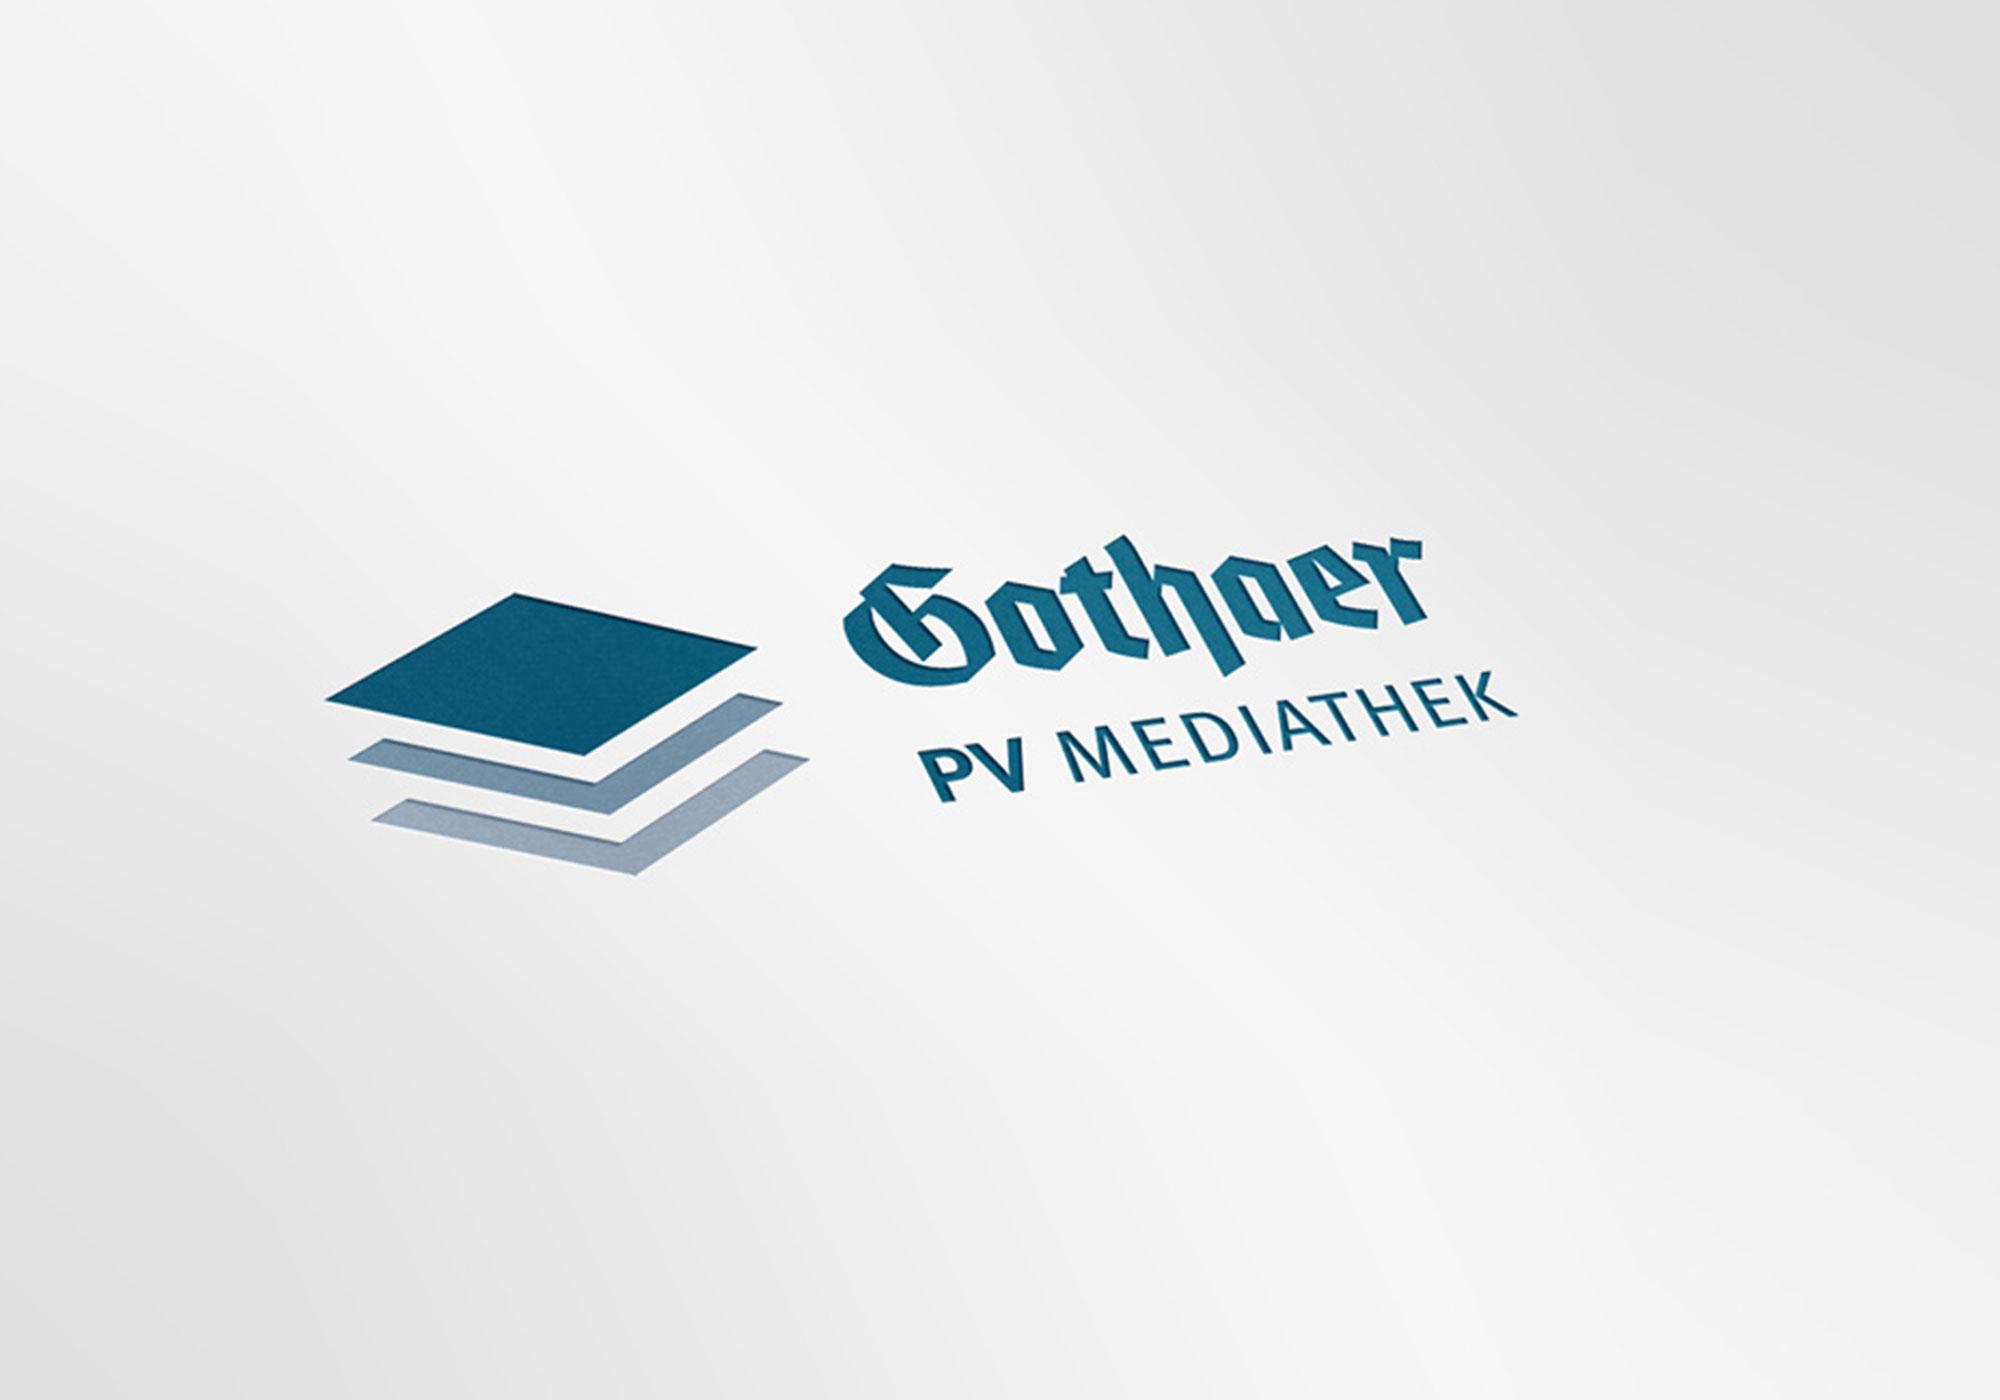 001_Mediathek_Logo